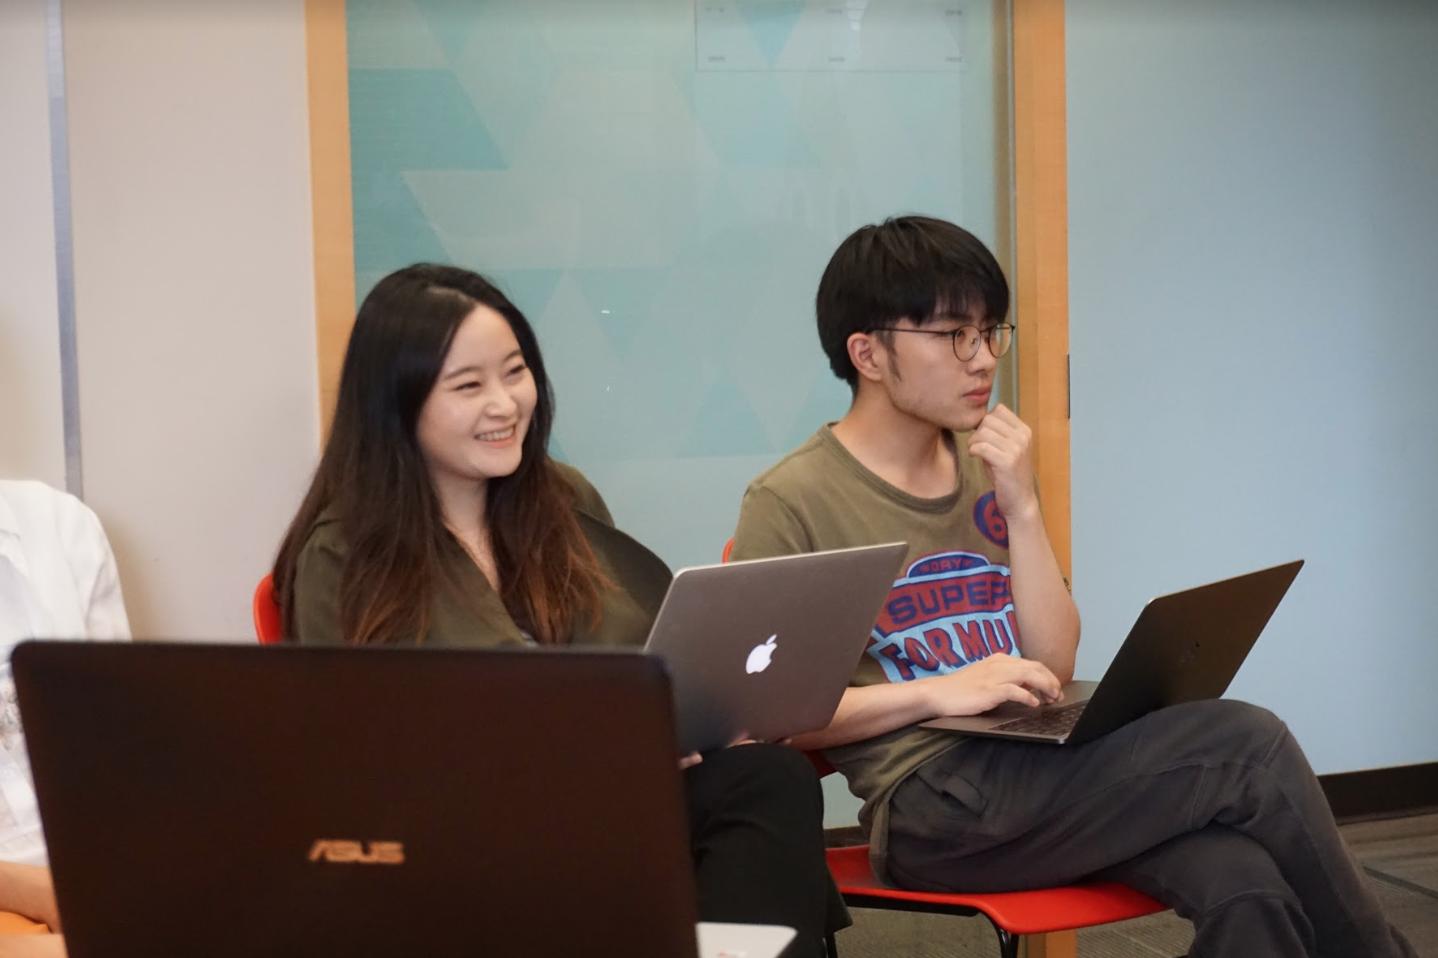 TTT team members amused by hackathon presentations